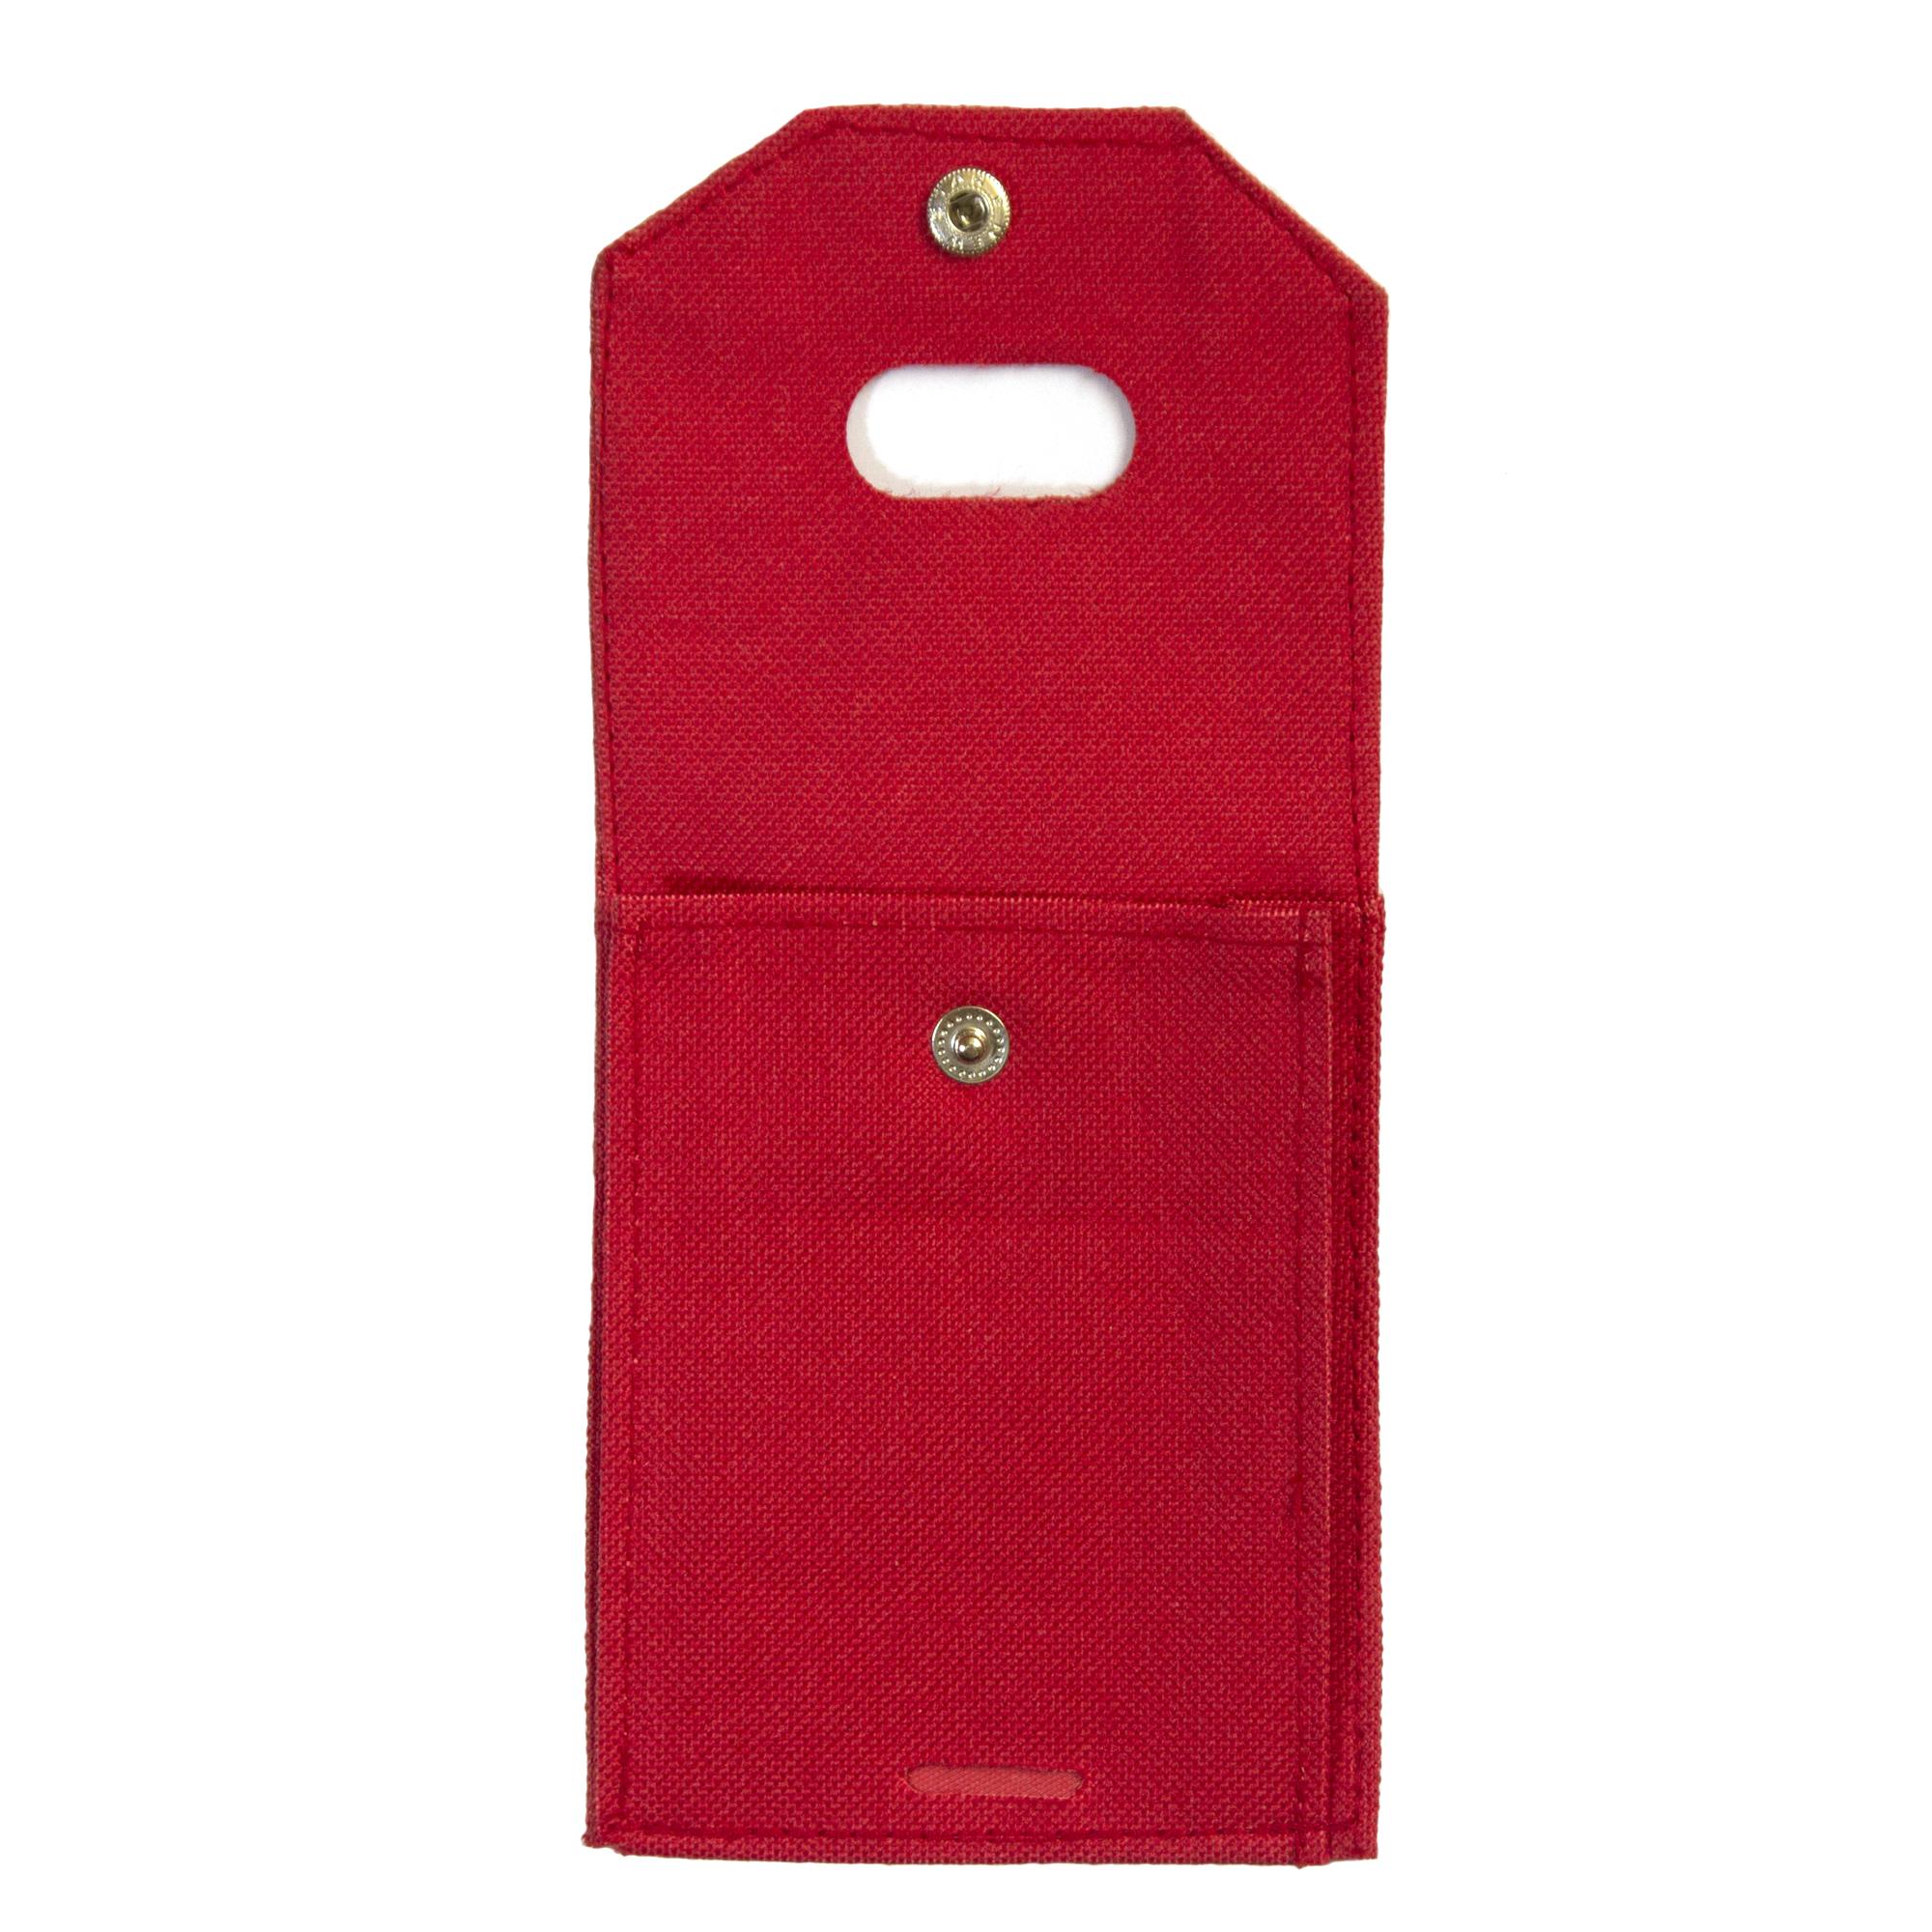 نگهدارنده گوشی موبایل کدS1